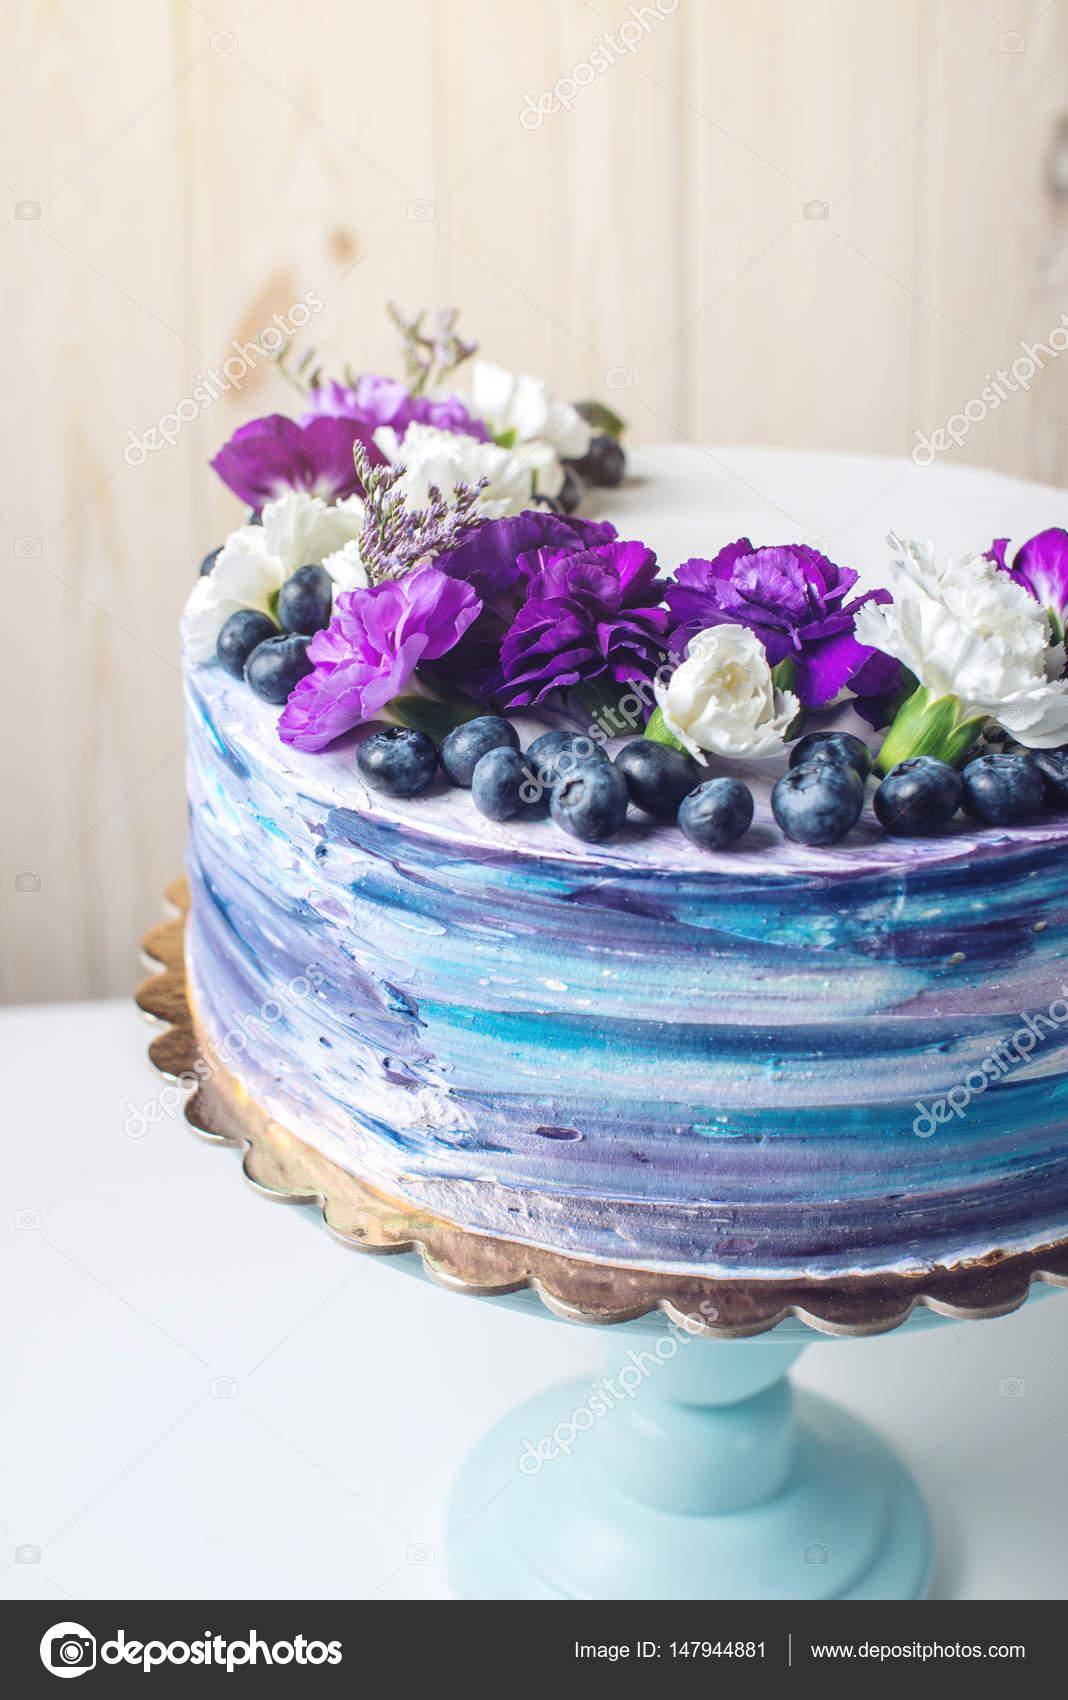 Bunte Hochzeitstorte Mit Schonen Lila Bluten Und Heidelbeeren